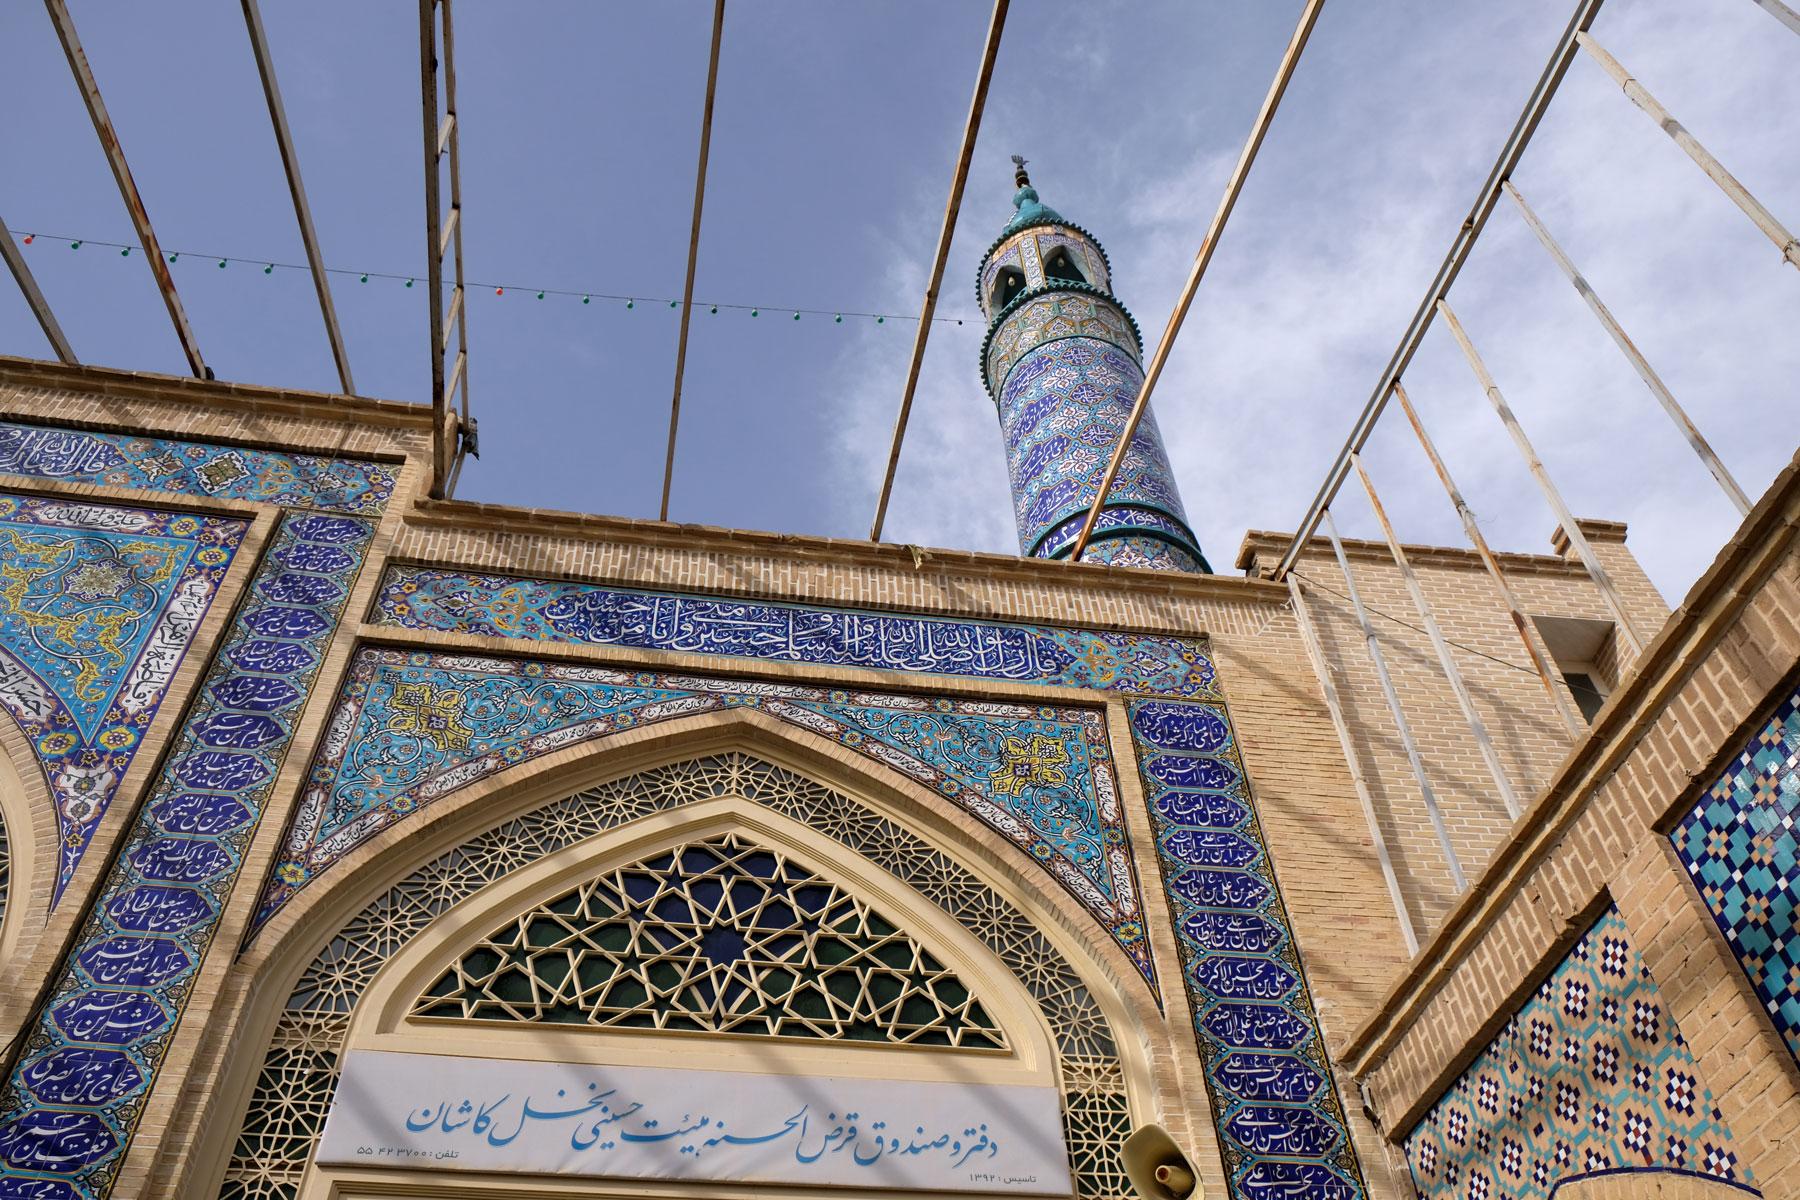 Moschee, die mit blauen Fliesen verziert ist